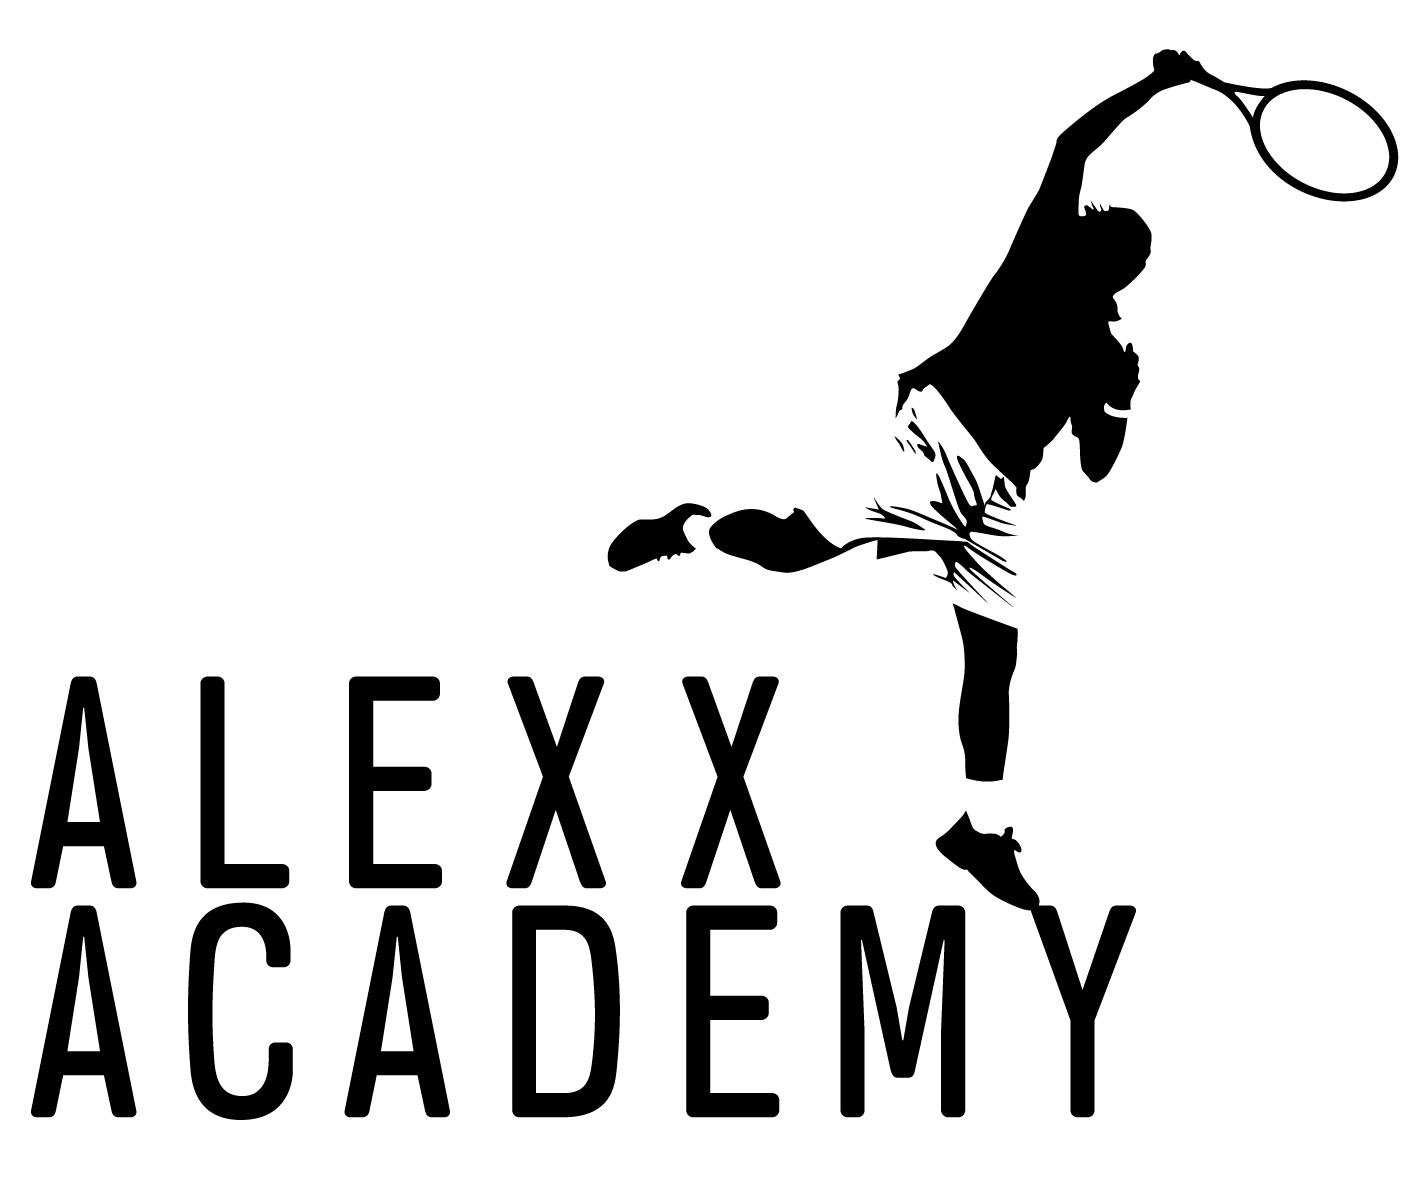 Alexx_Academy